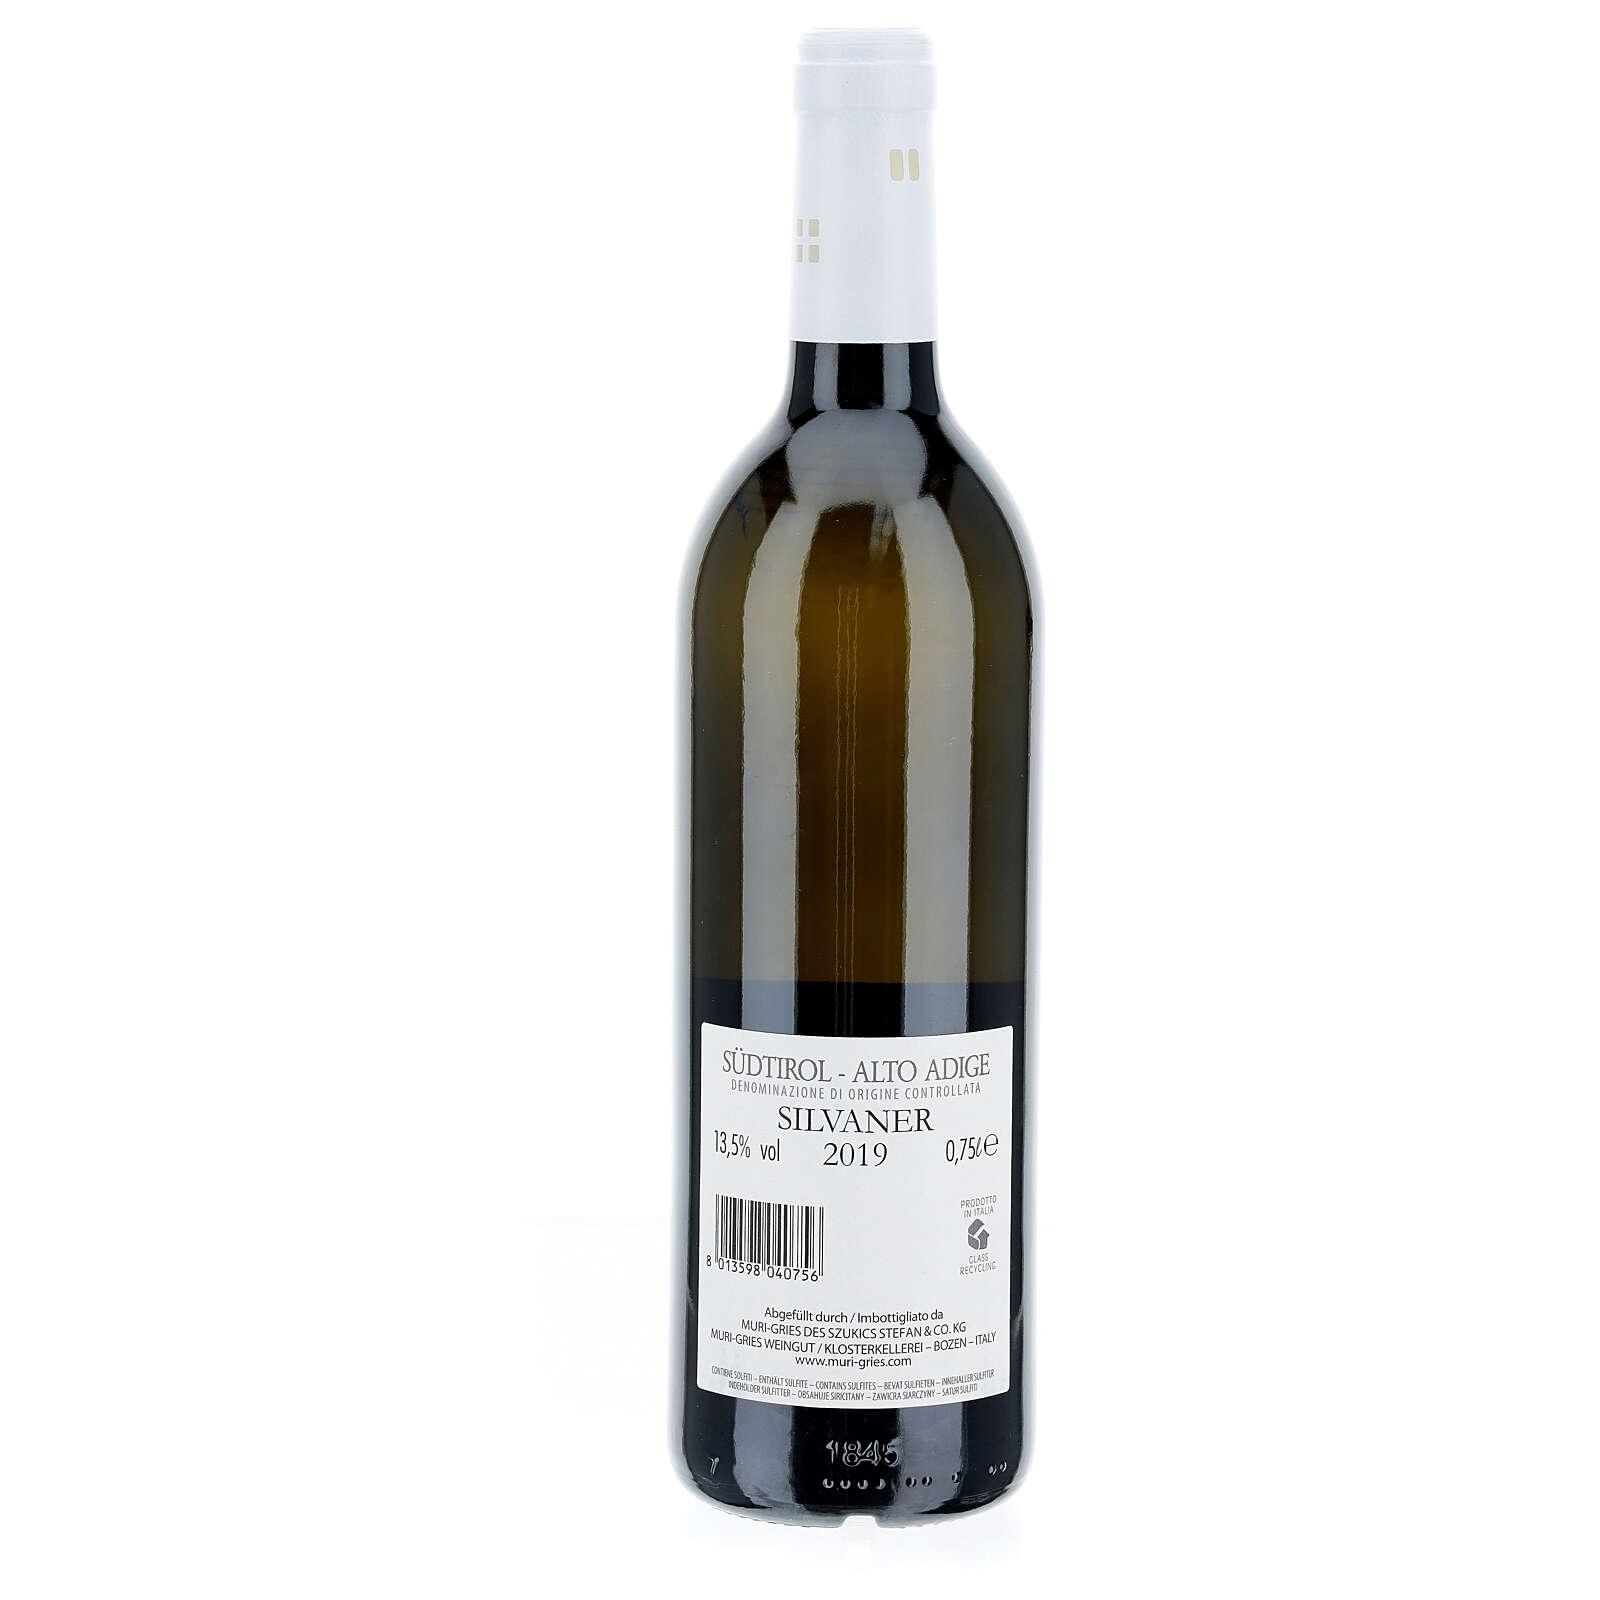 Vino Silvaner DOC 2019 Abbazia Muri Gries 750 ml 3